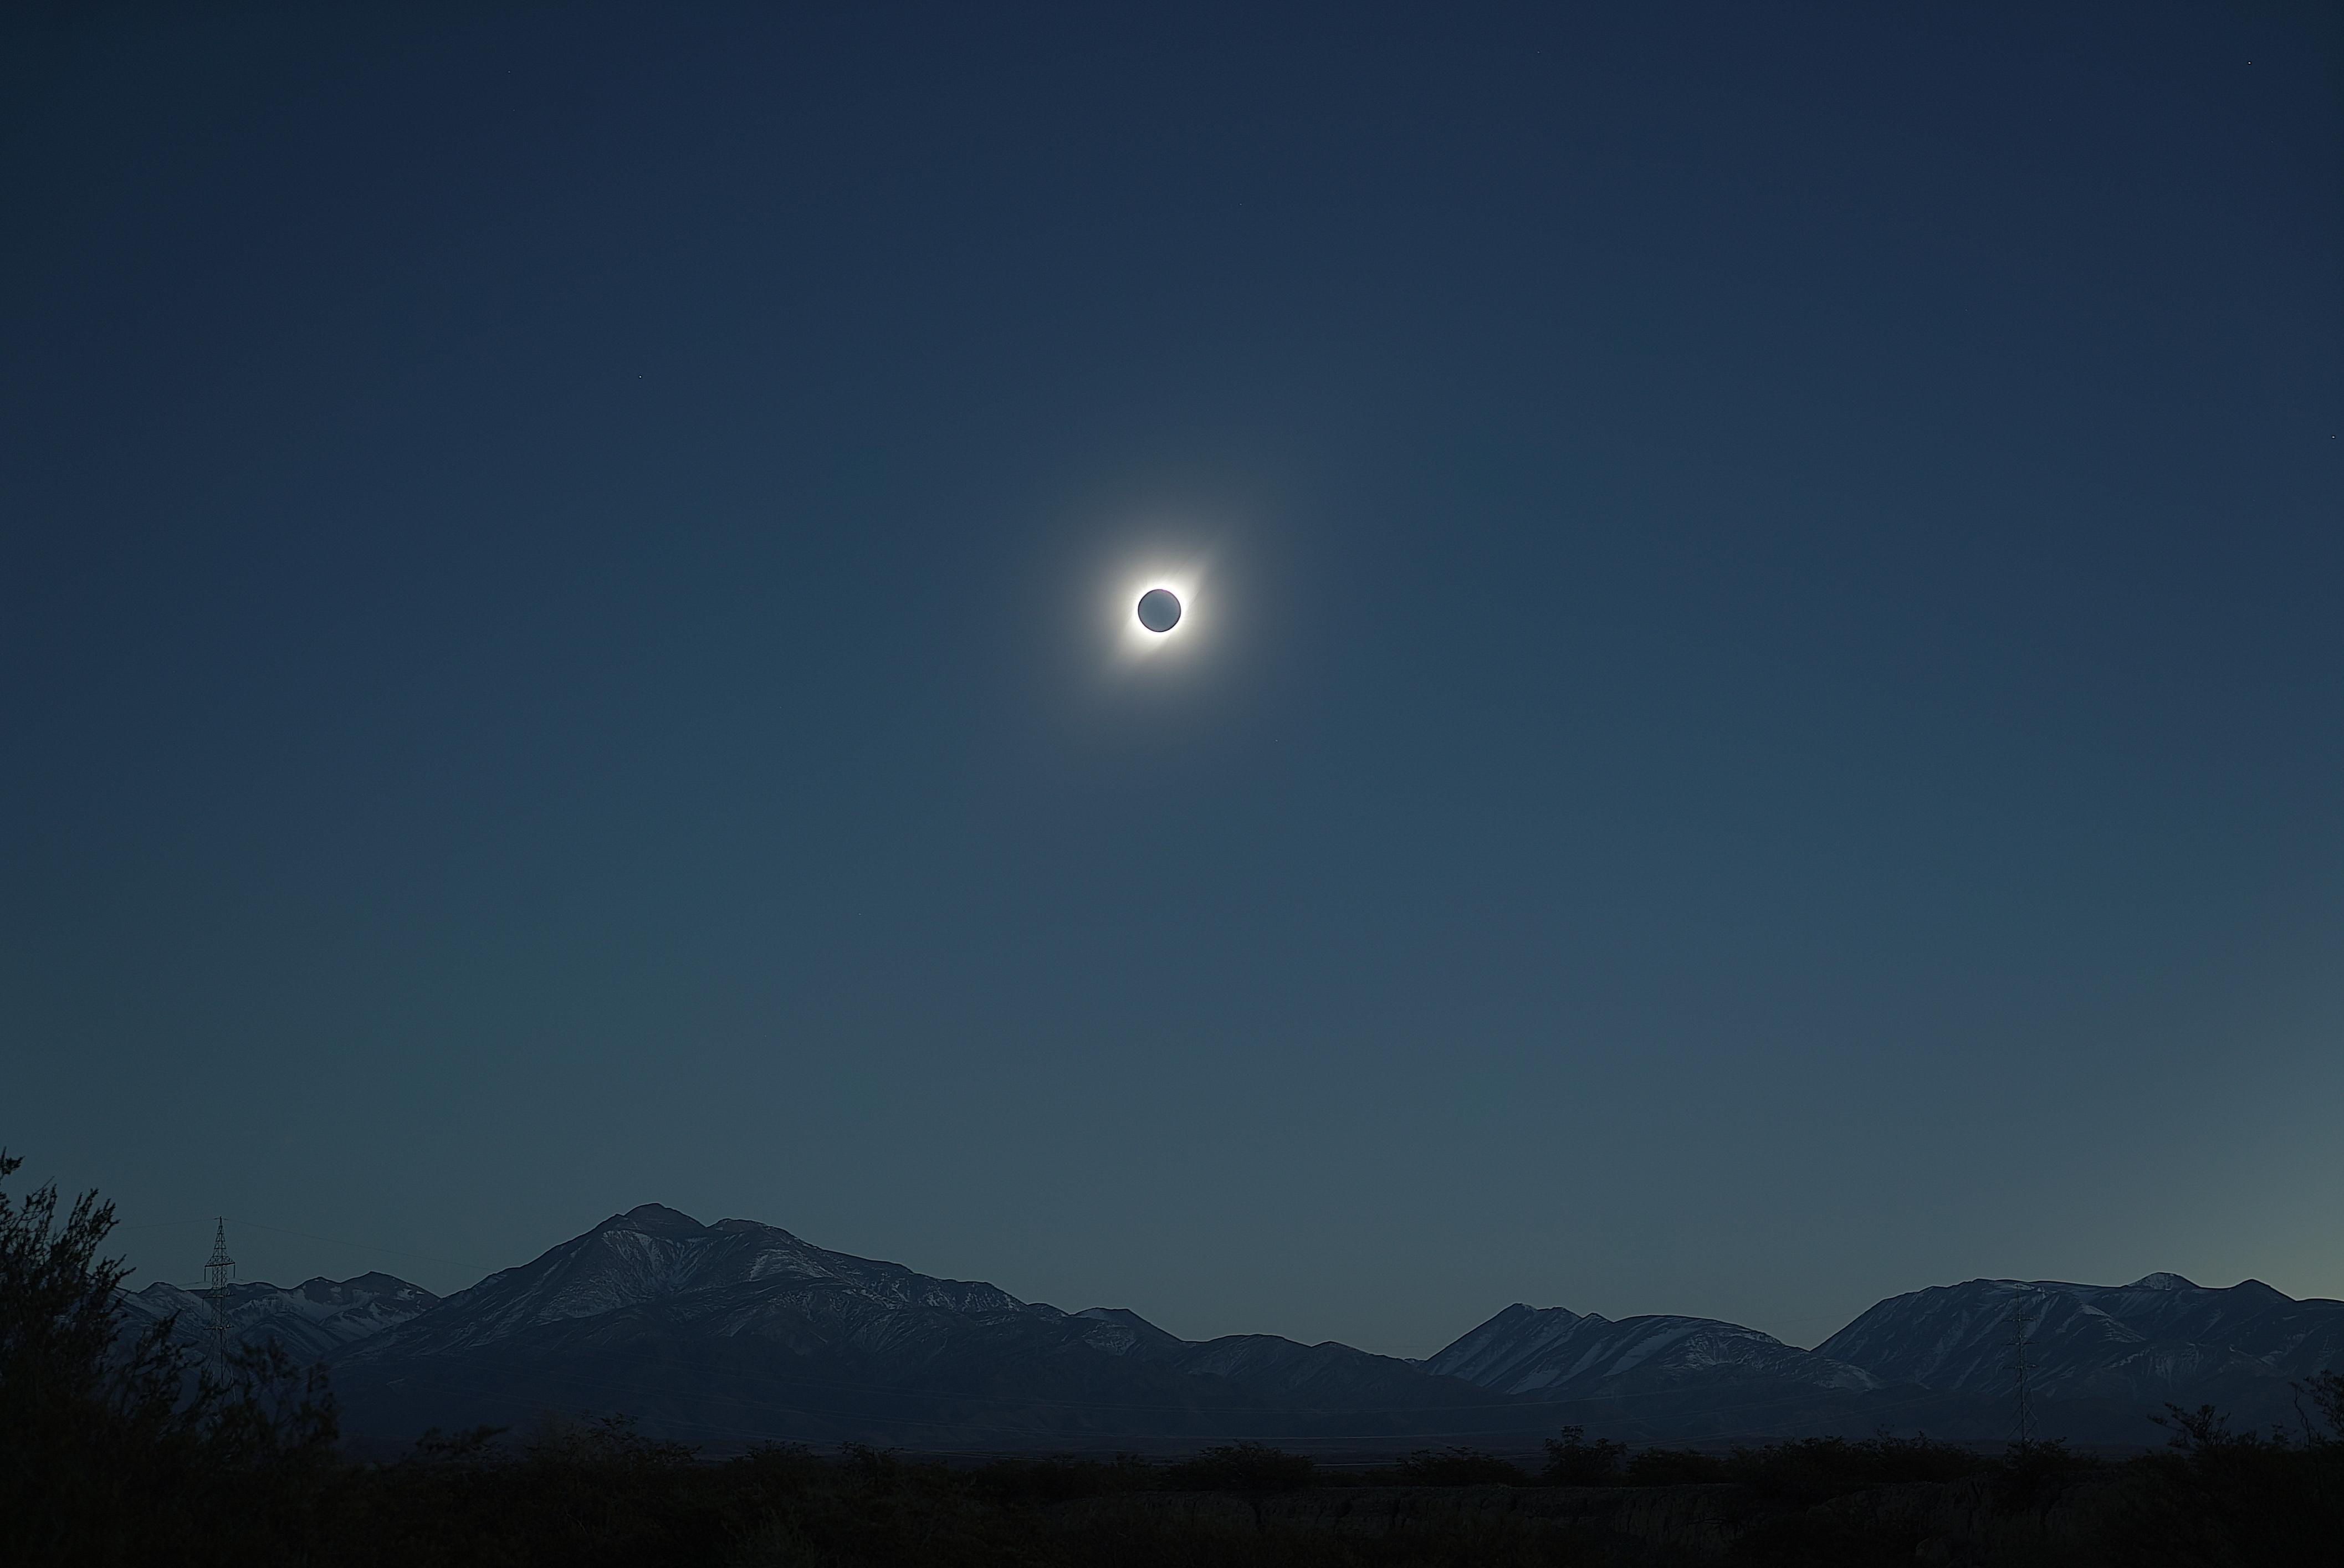 eclipse020719-20h39m56s-70mmf5sum10mfcur